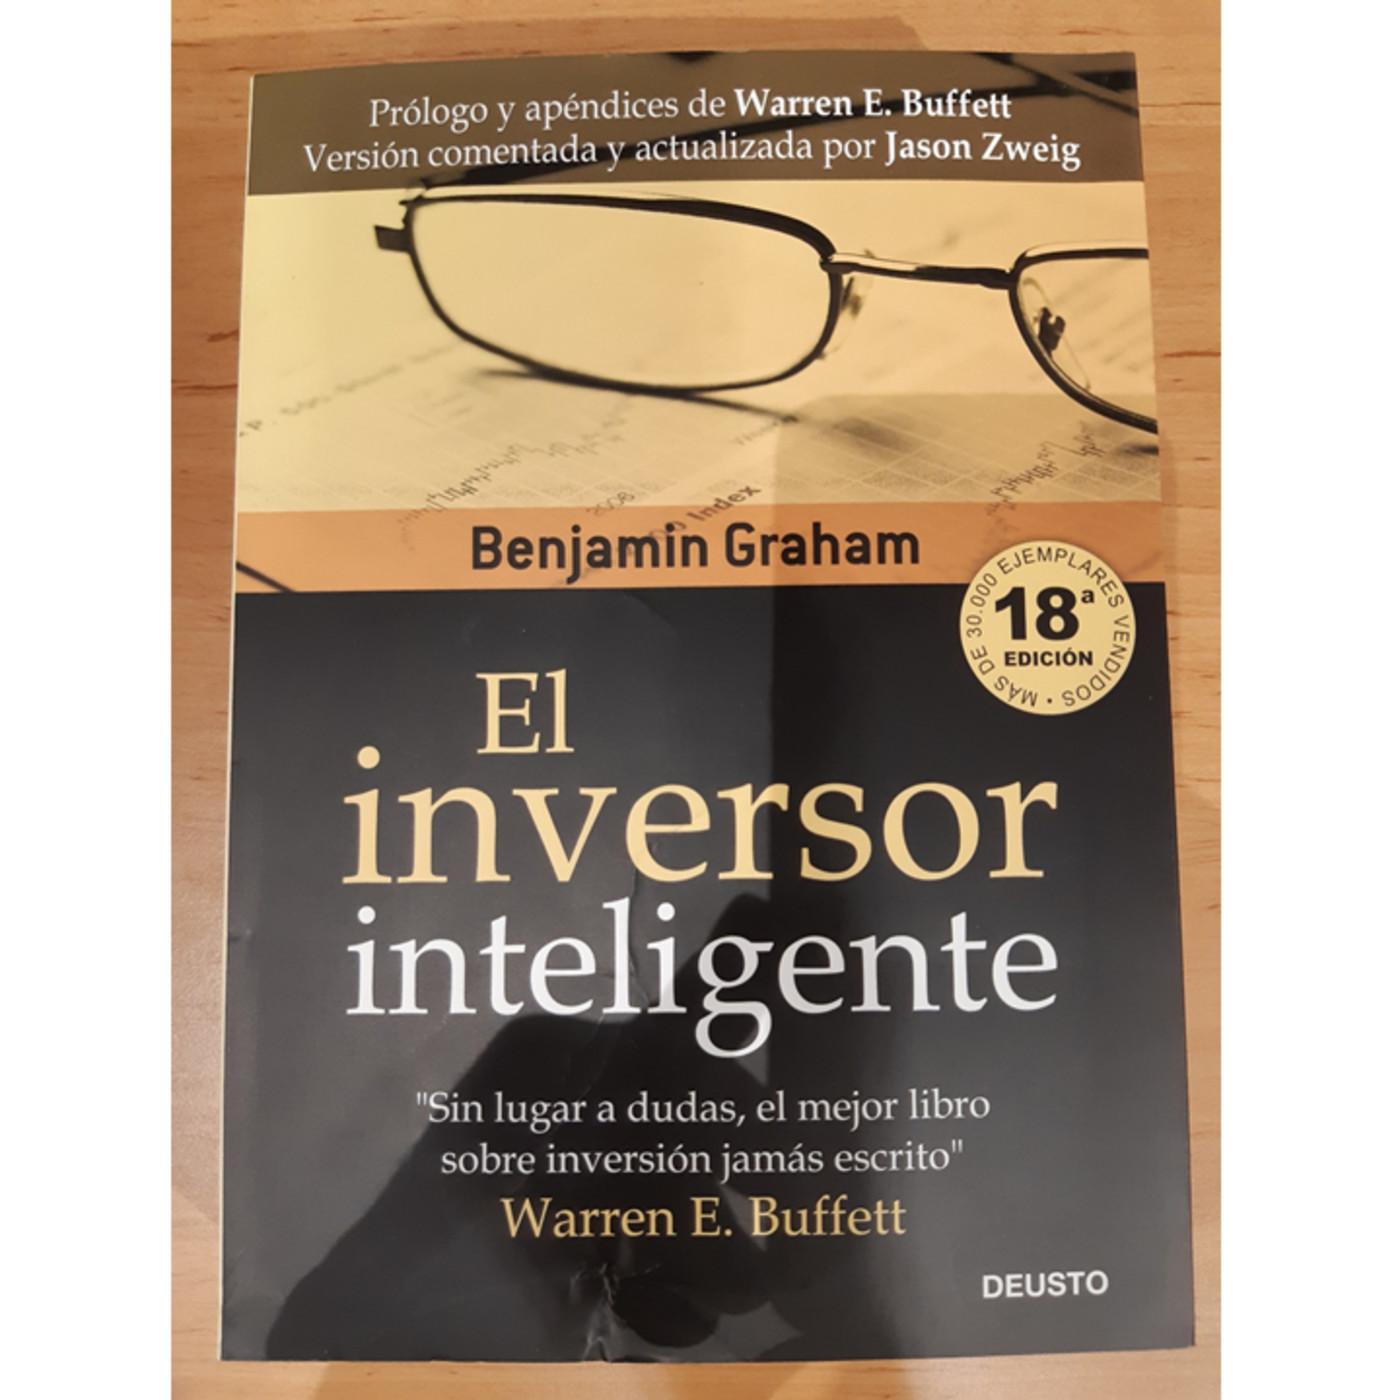 El Inversor Inteligente De Benjamin Graham En Inversor Novel En Mp3 28 09 A Las 18 27 25 03 50 42219763 Ivoox